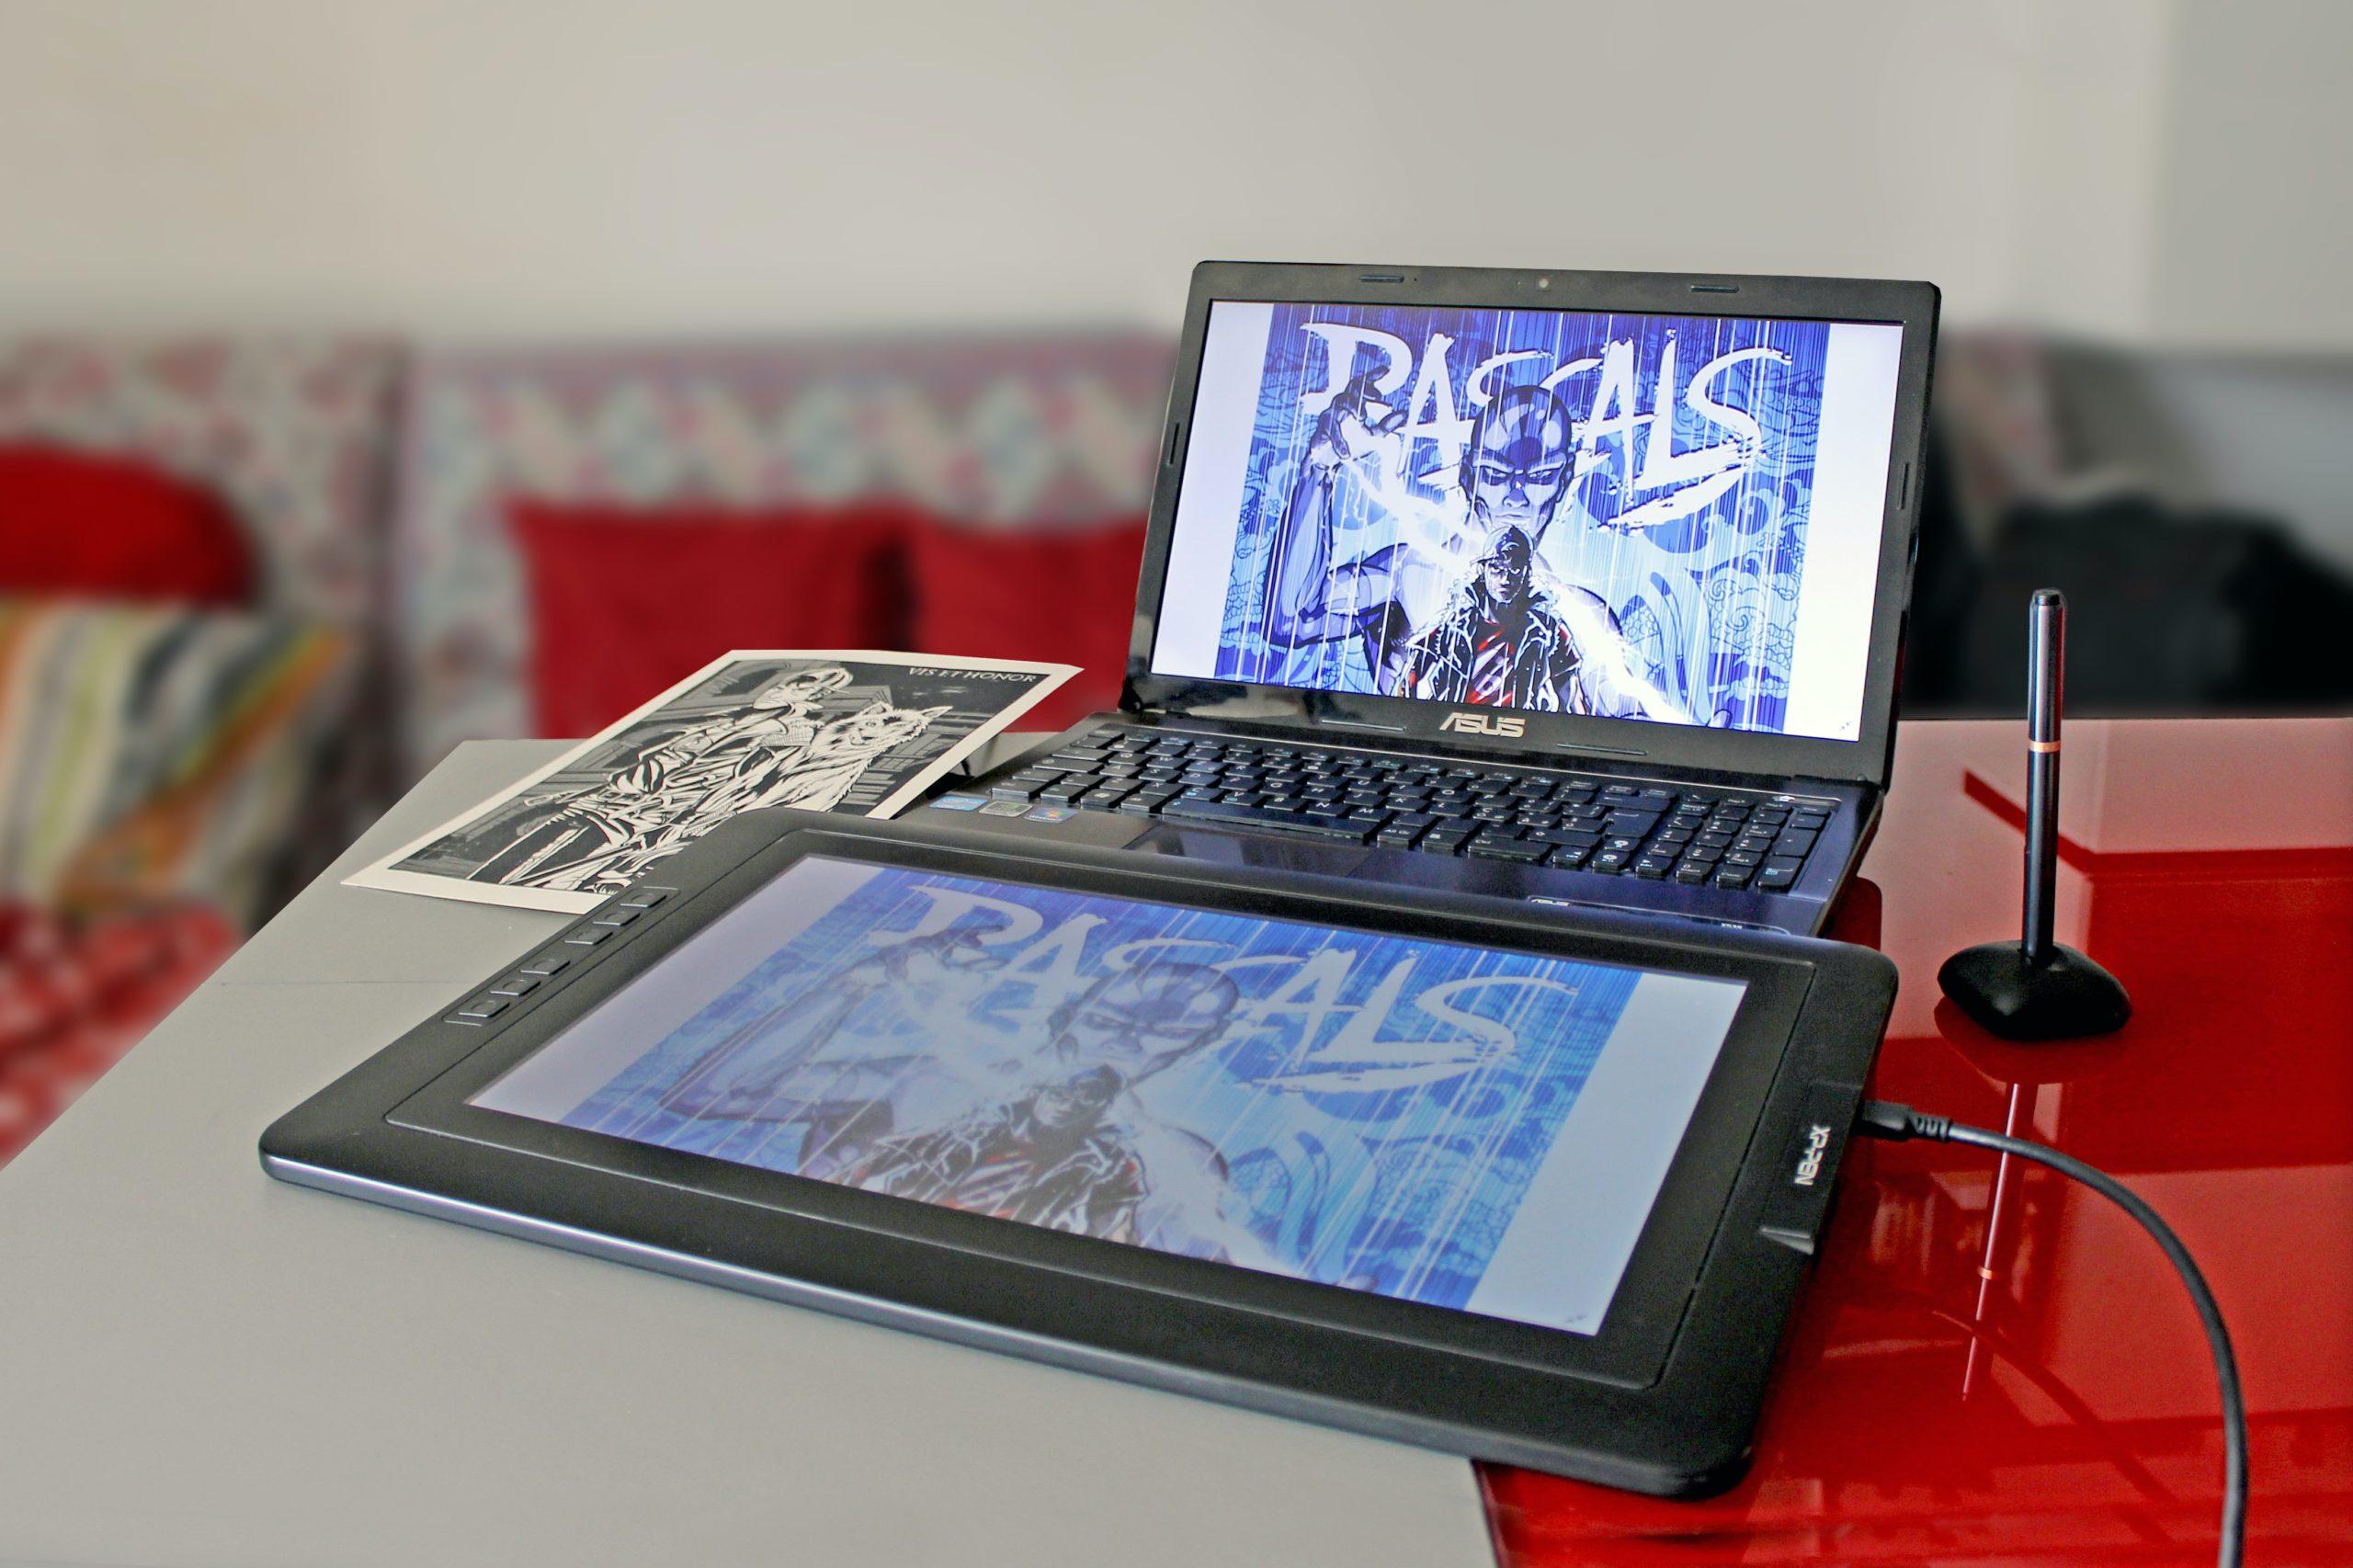 XP-Pen Artist Display Tablet tính năng và đánh giá 2